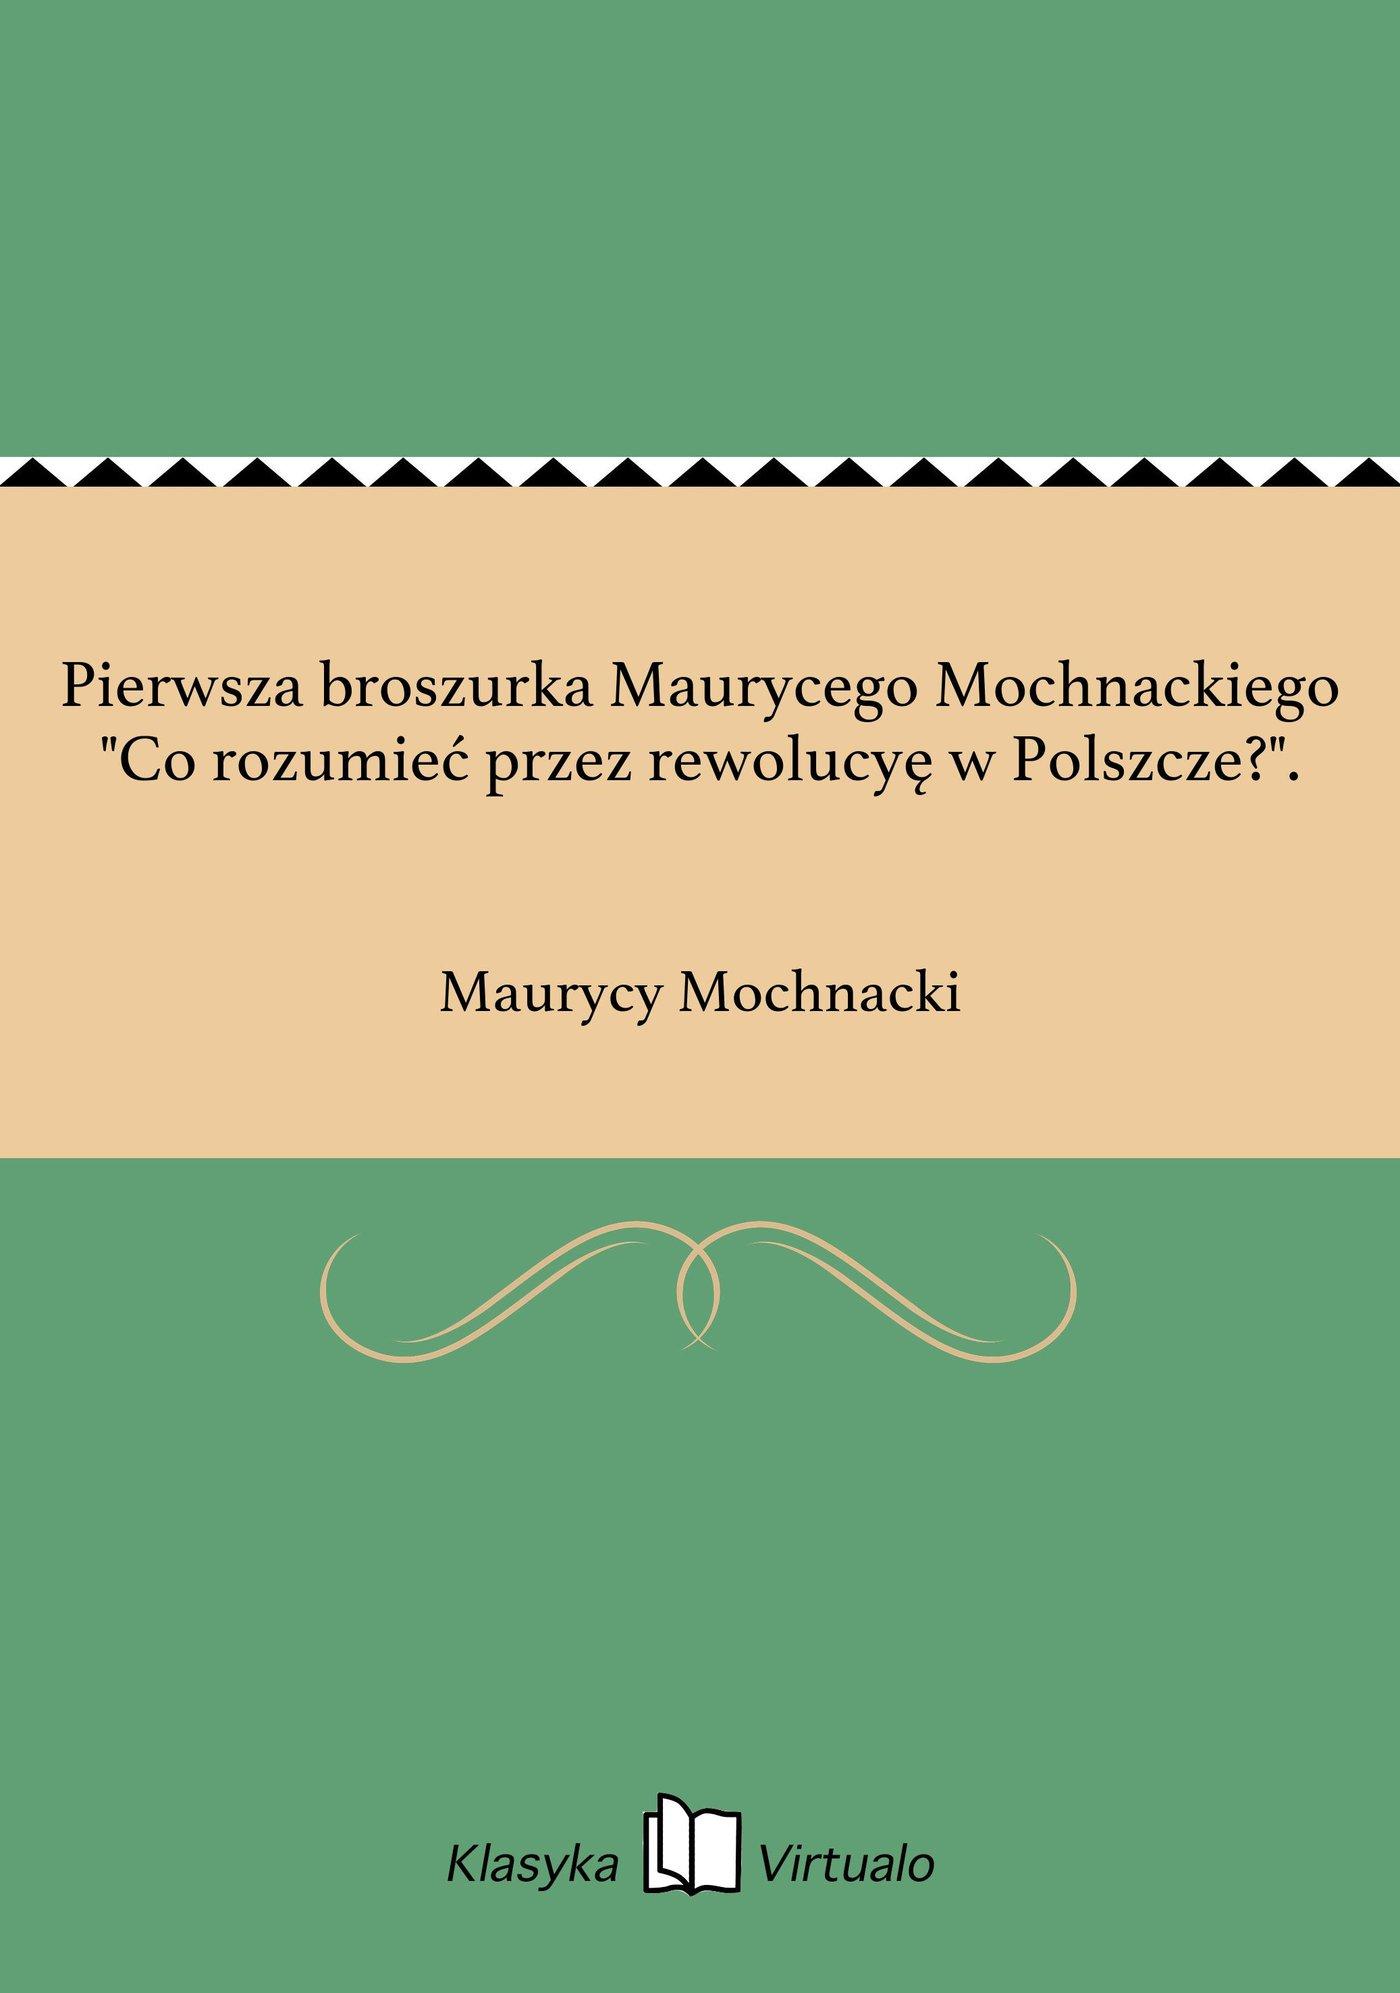 """Pierwsza broszurka Maurycego Mochnackiego """"Co rozumieć przez rewolucyę w Polszcze?"""". - Ebook (Książka EPUB) do pobrania w formacie EPUB"""